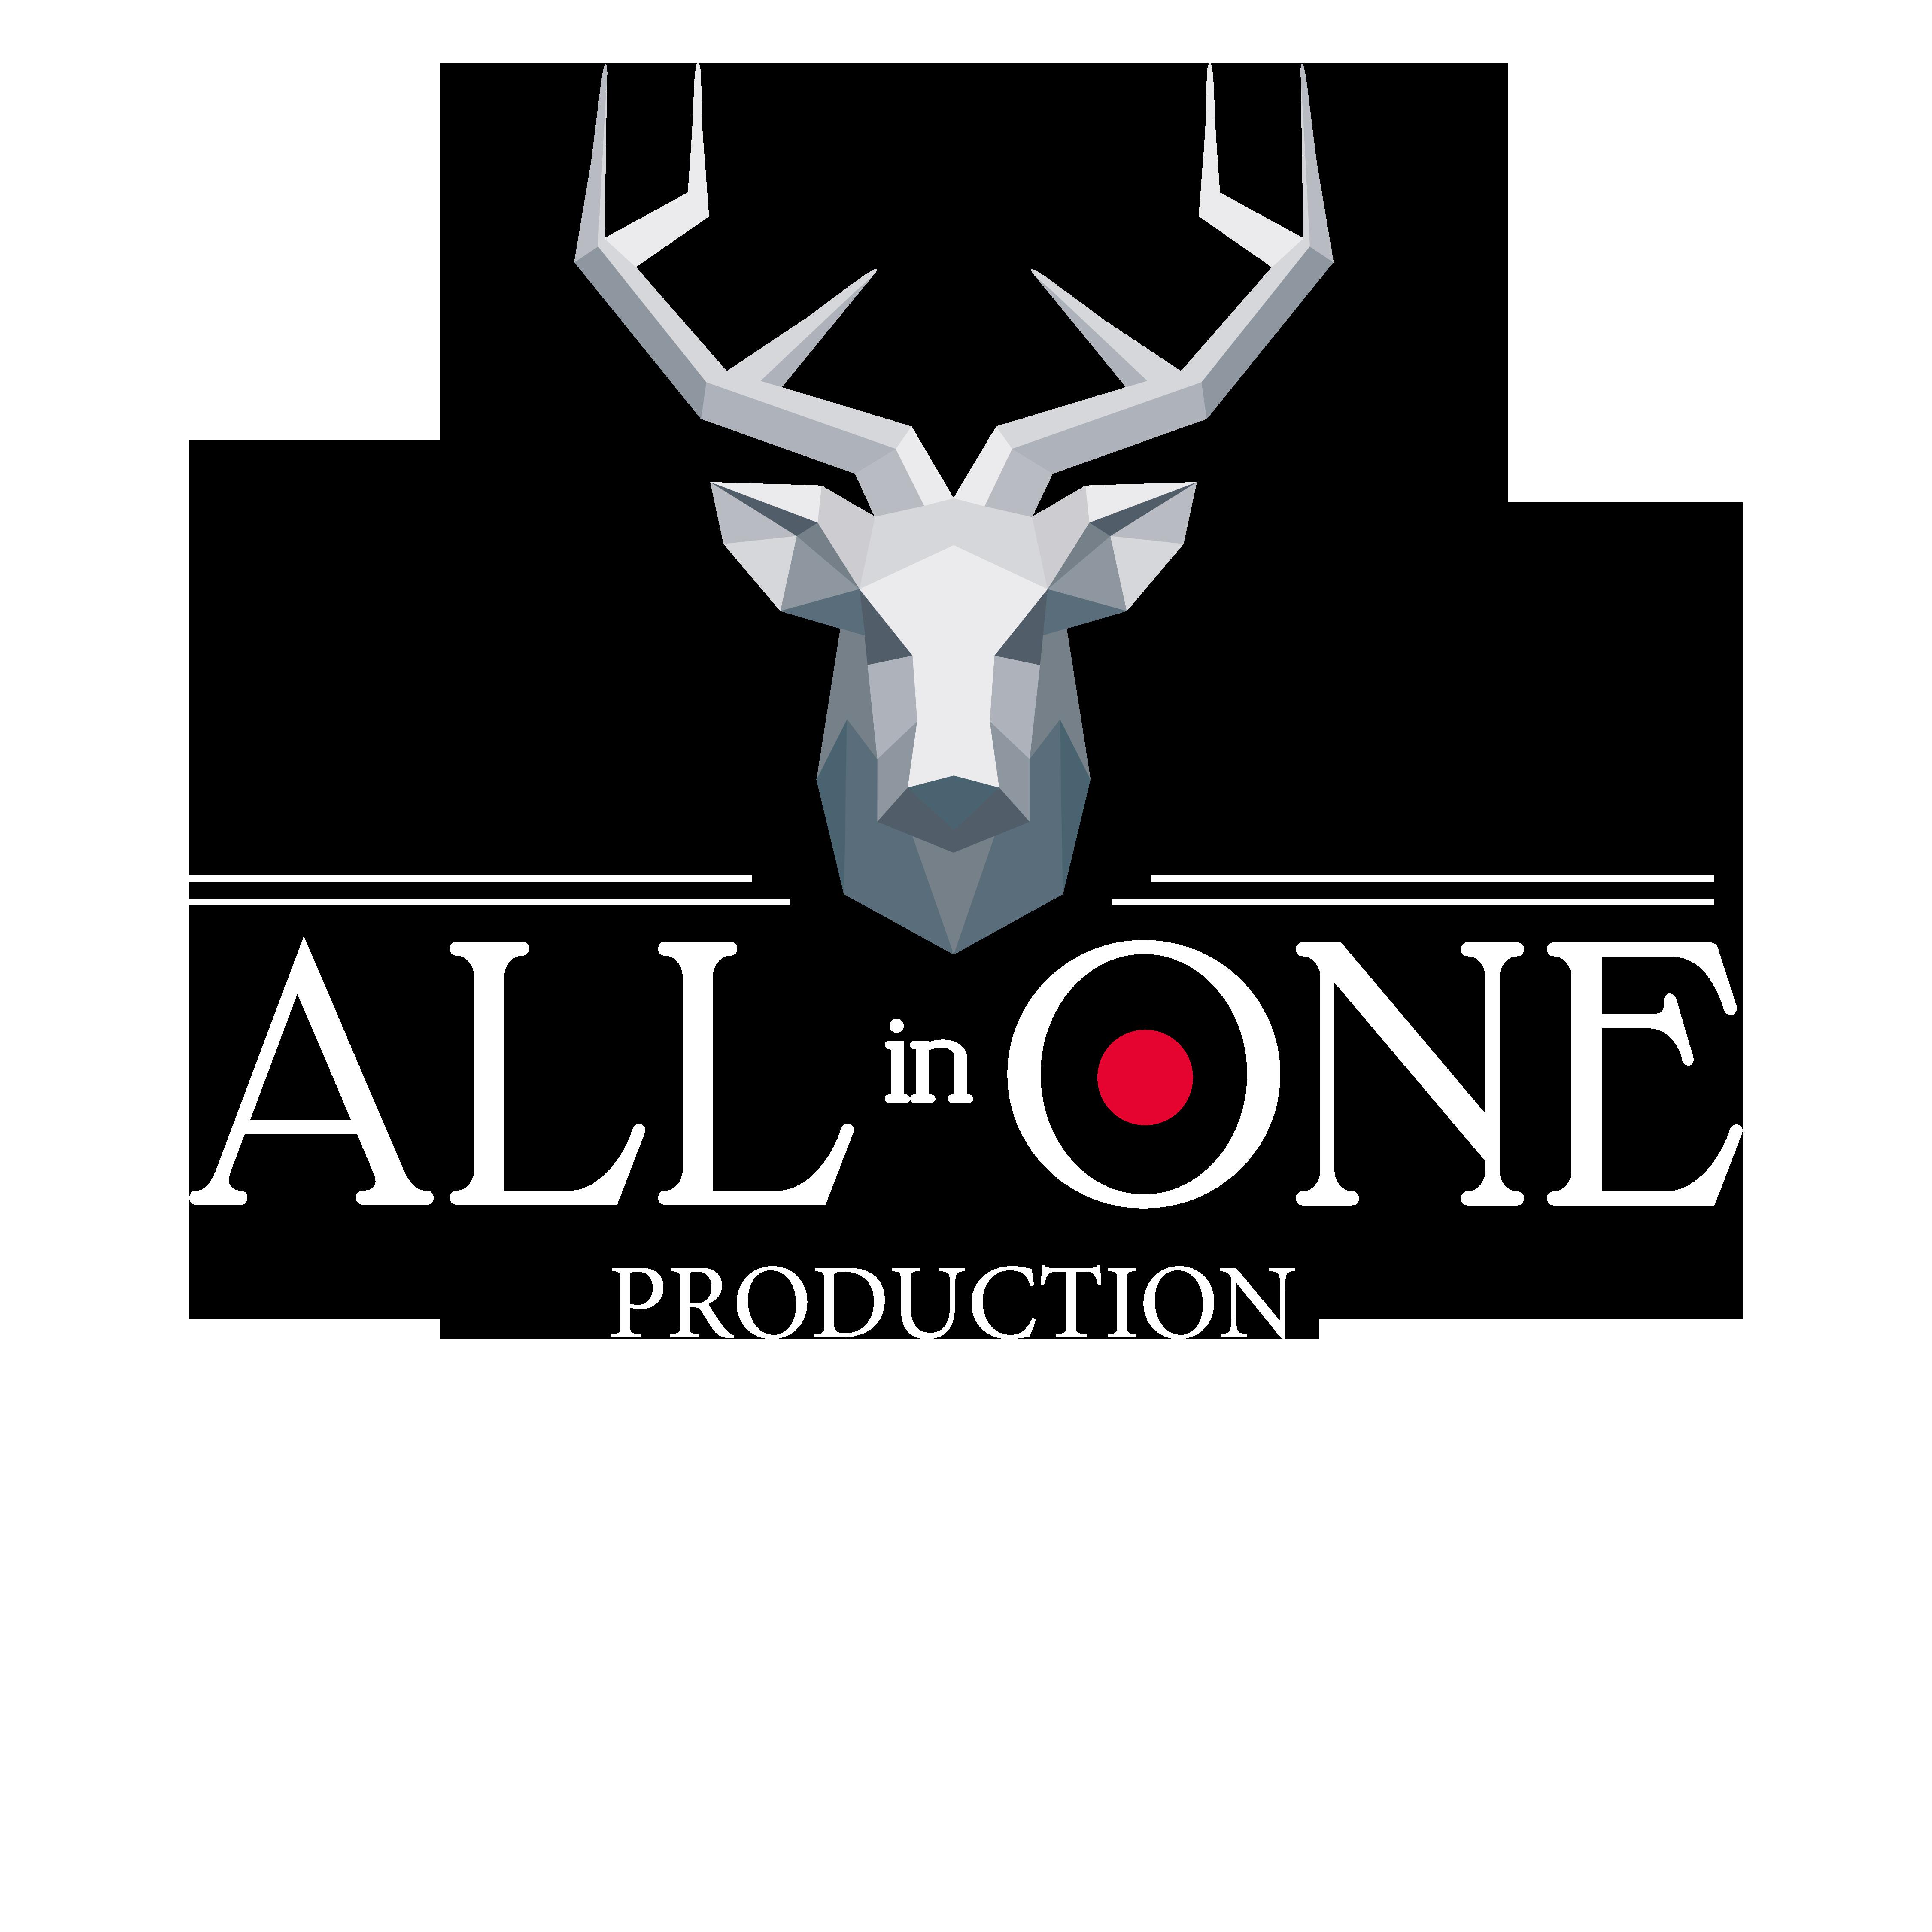 Allinone-prod